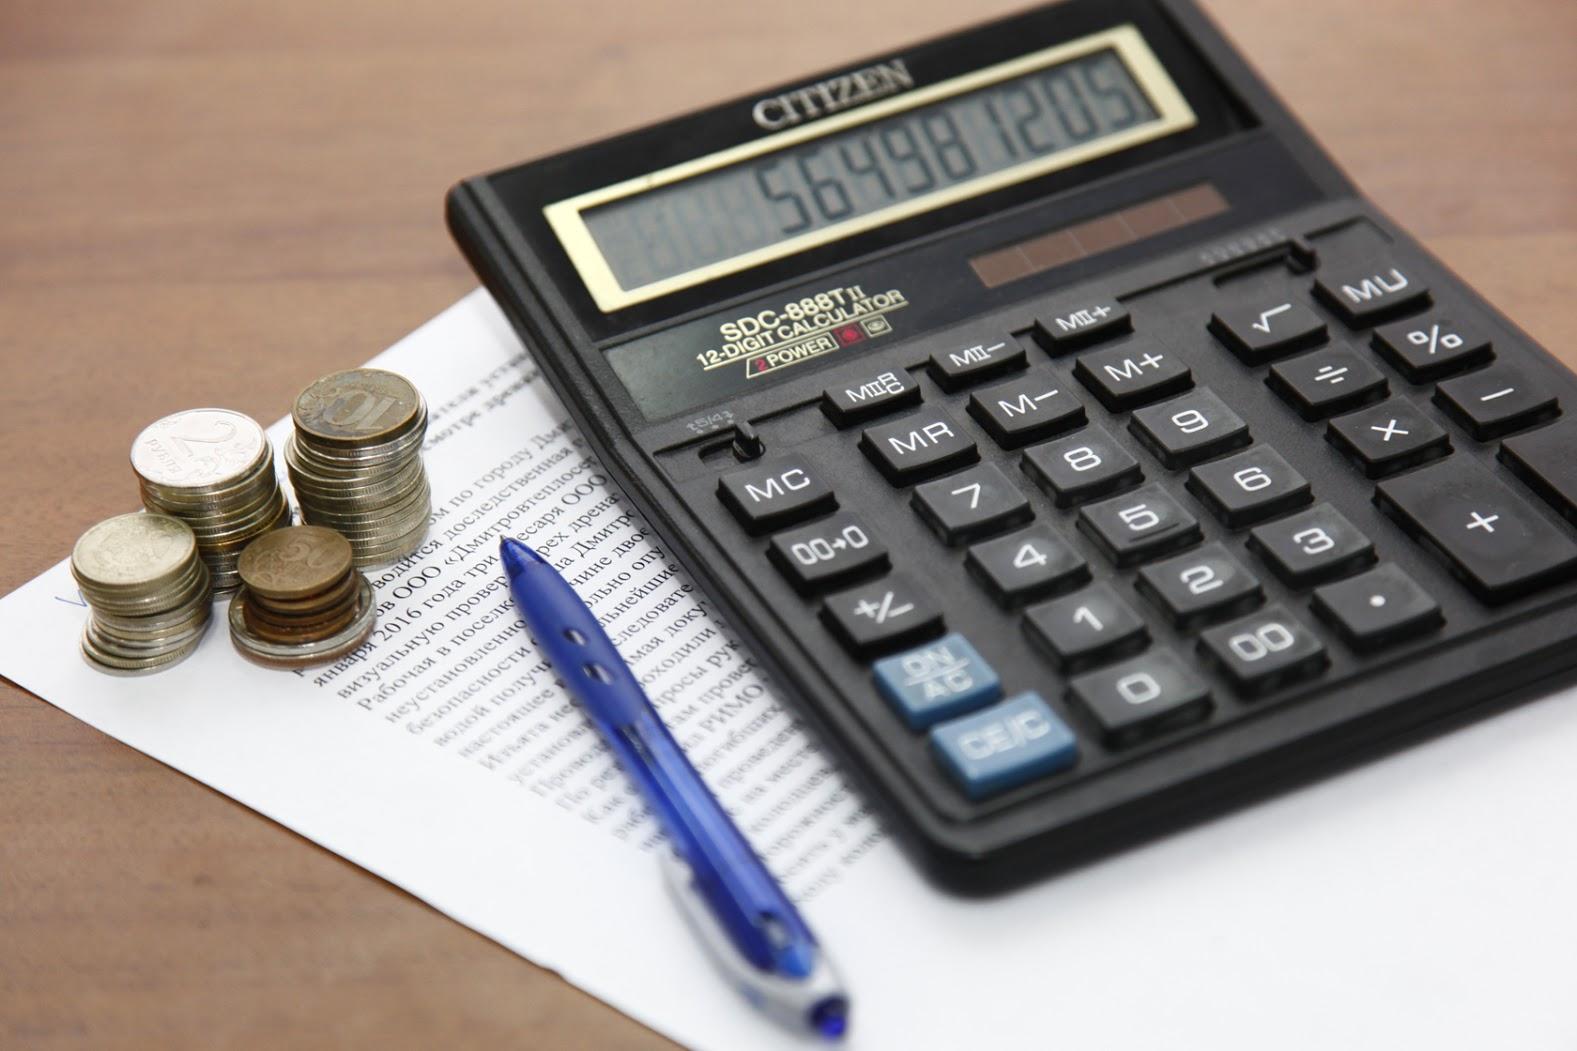 Объем «детского» бюджета в России на 2021 год составил около 1,5 трлн рублей